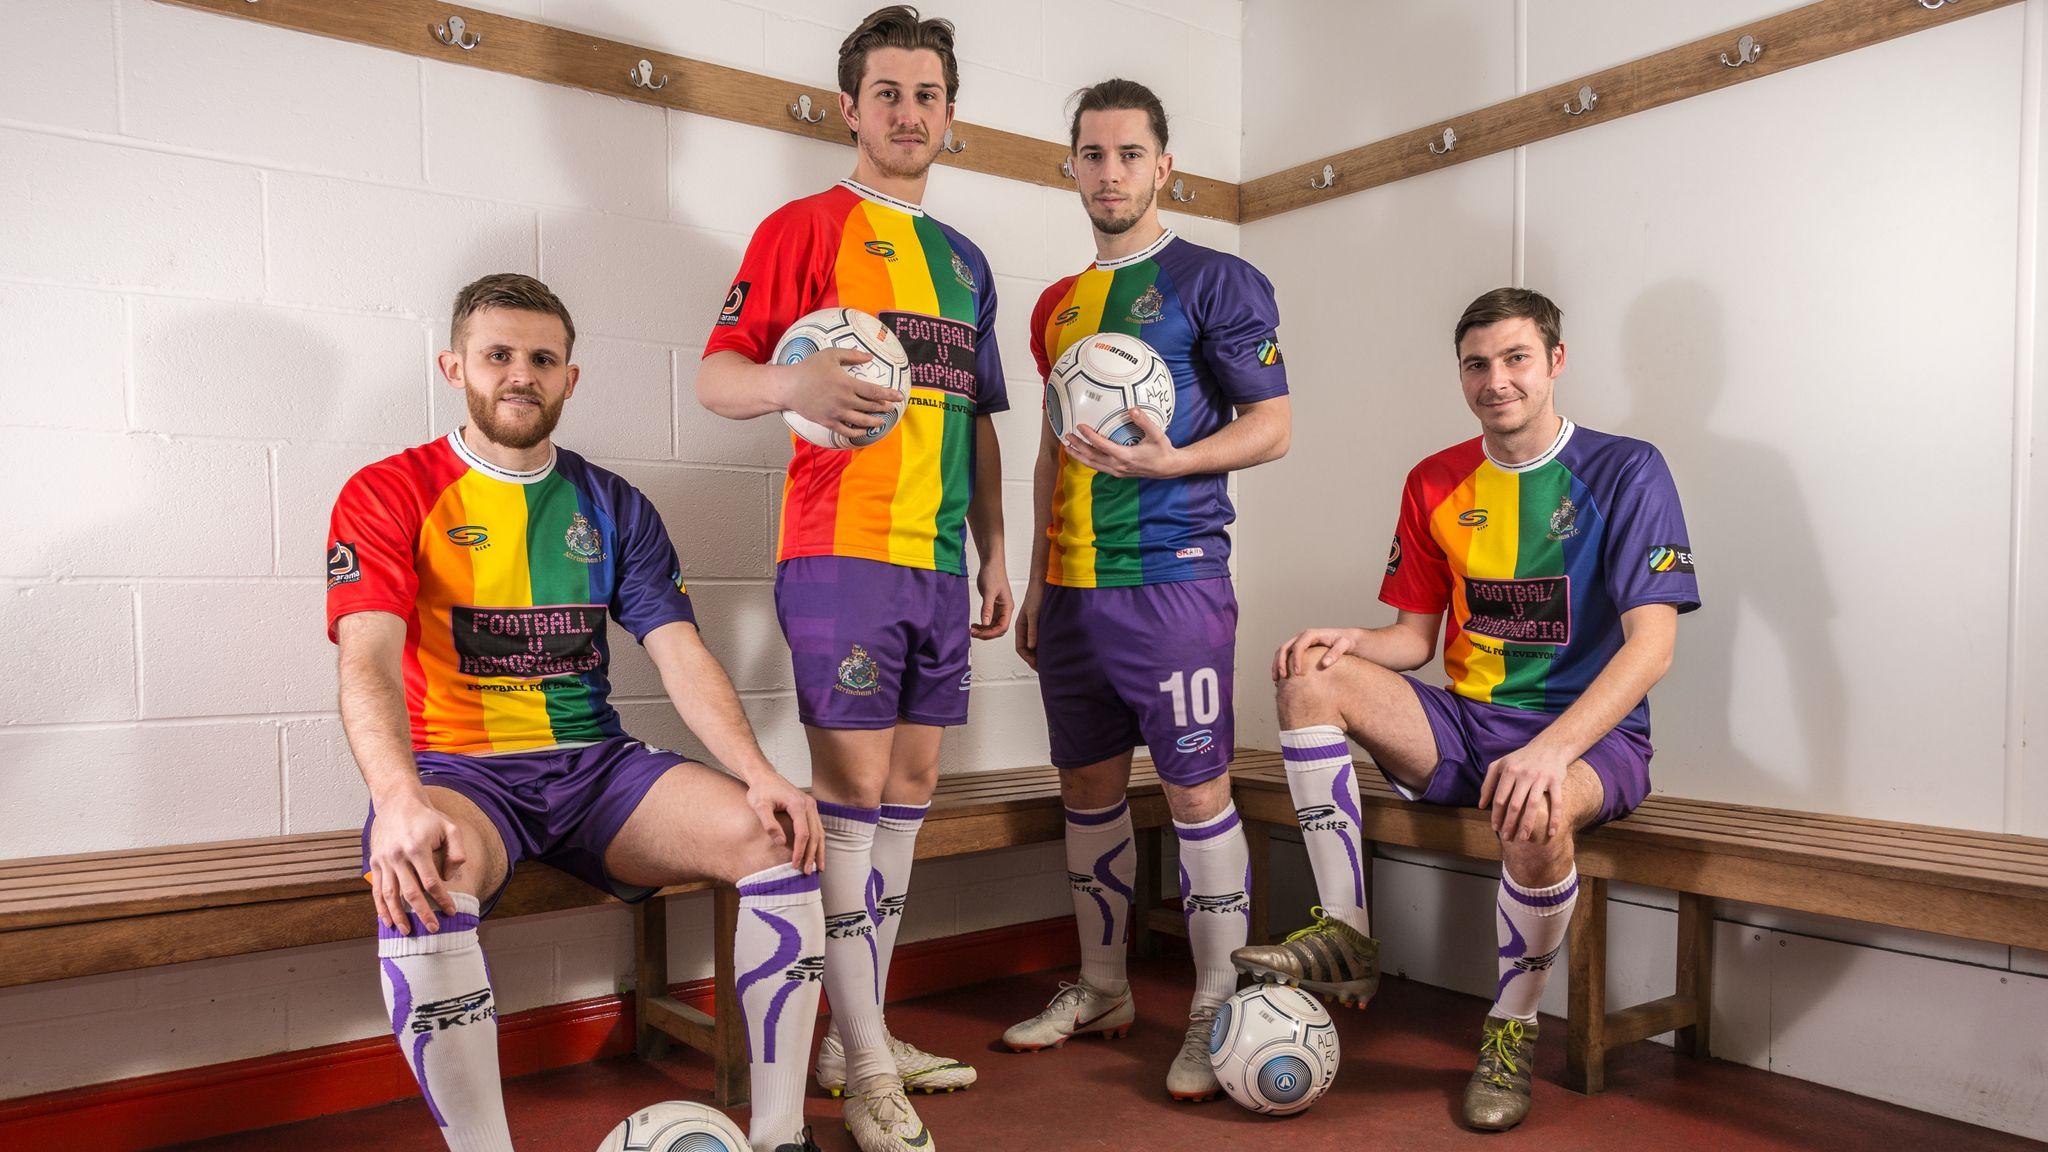 0dd92778a23 Altrincham FC's rainbow kit for Football v Homophobia sparks global  interest   Football News   Sky Sports